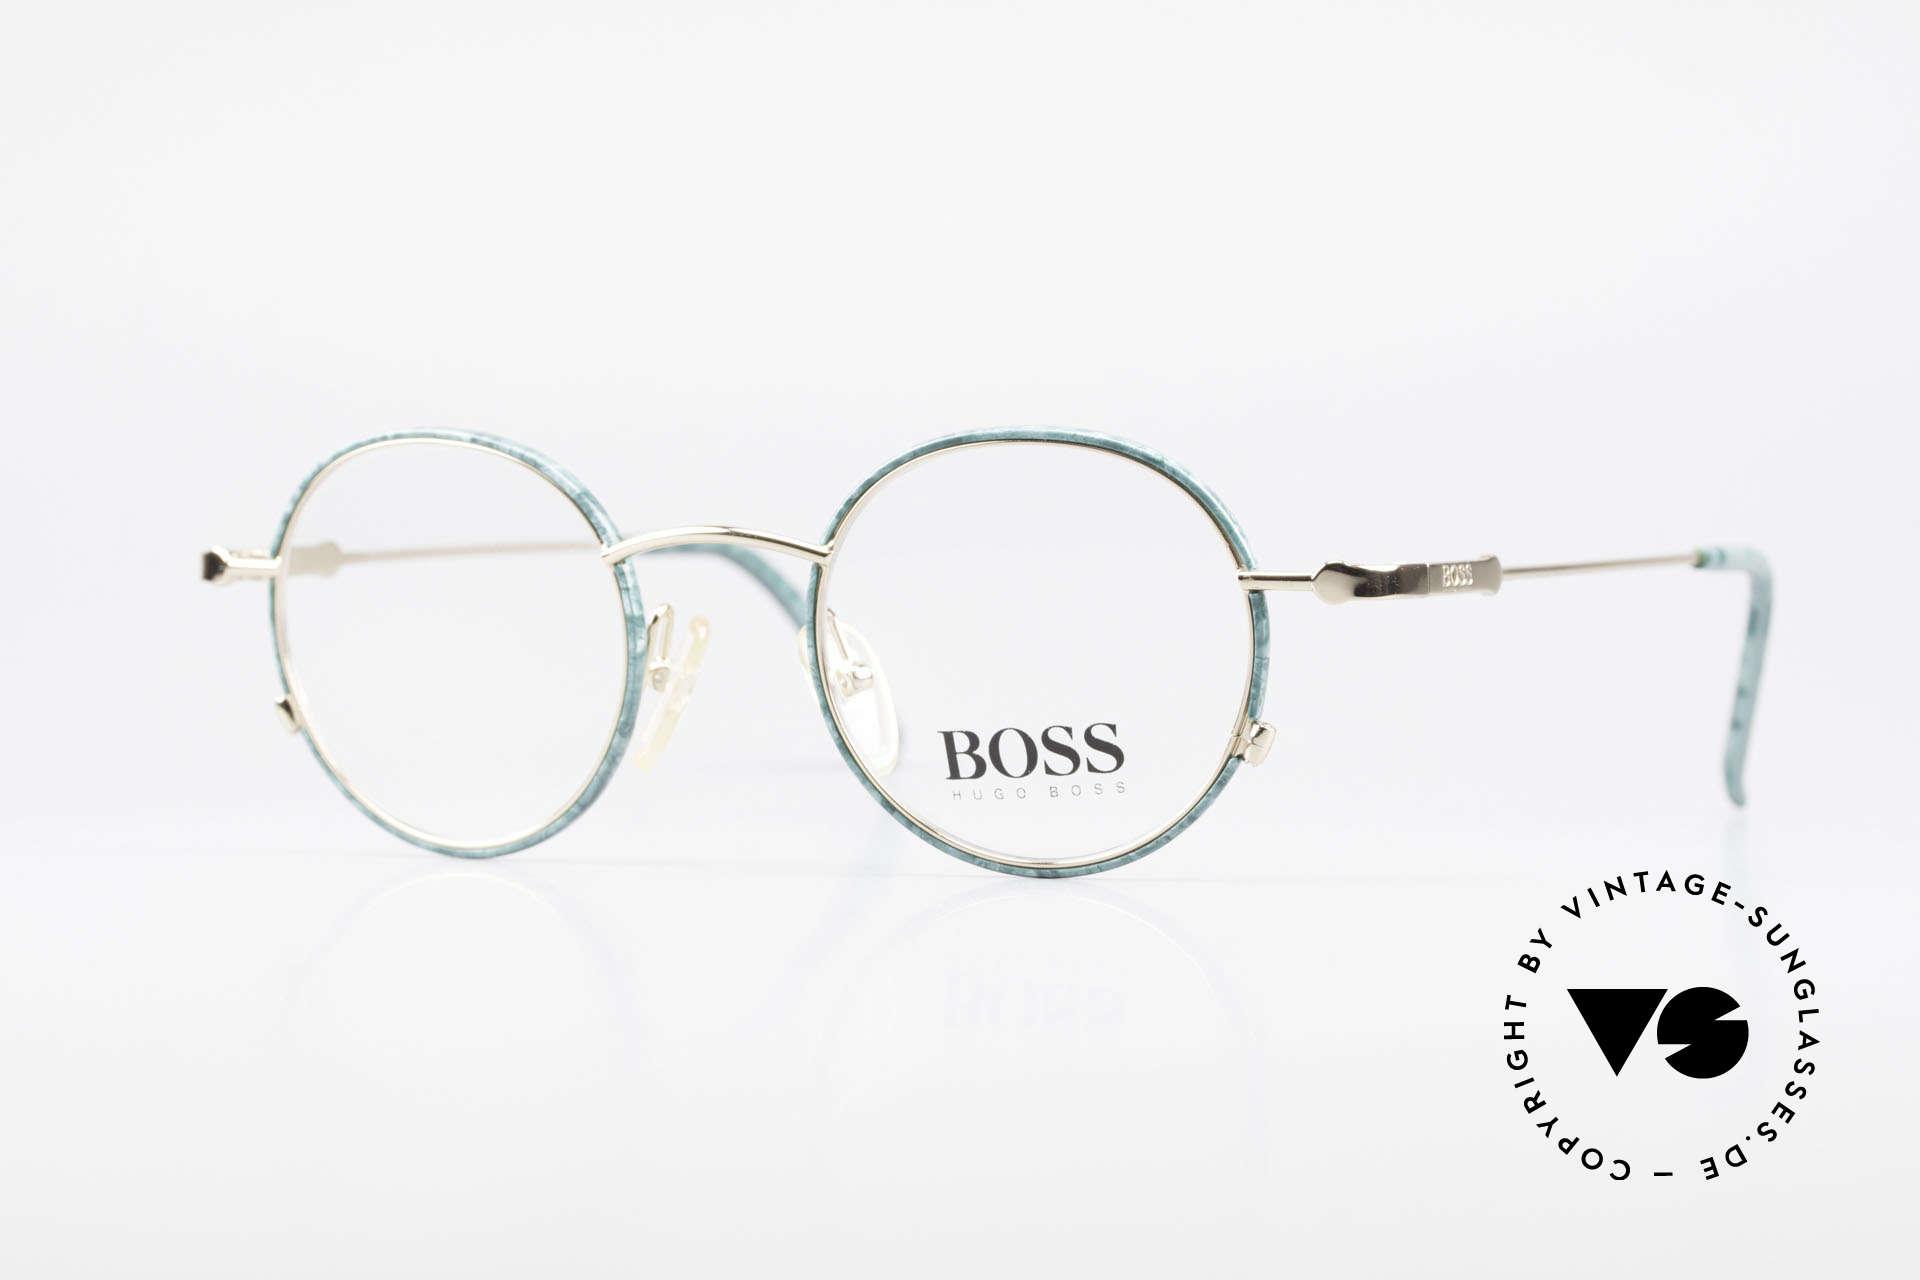 BOSS 5148 Runde Panto Style Fassung, klassische vintage Designer-Fassung von Hugo BOSS, Passend für Herren und Damen